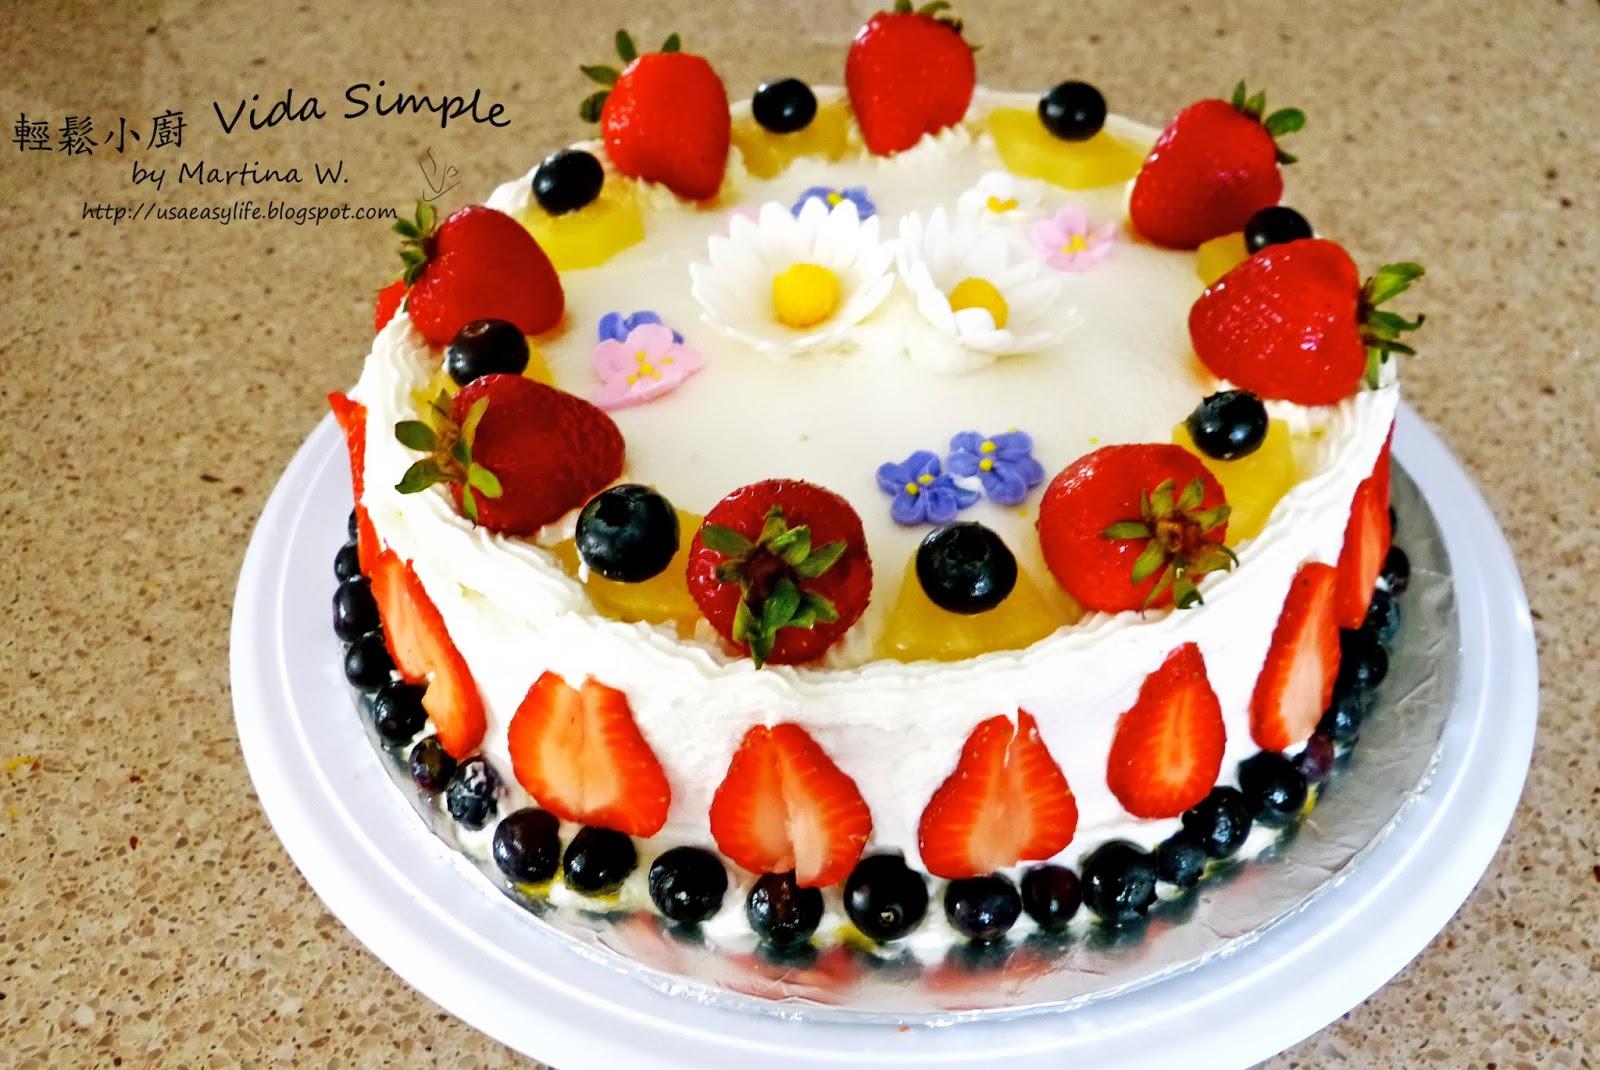 可愛風的水果生日蛋糕 | 輕鬆小廚 Vida Simple